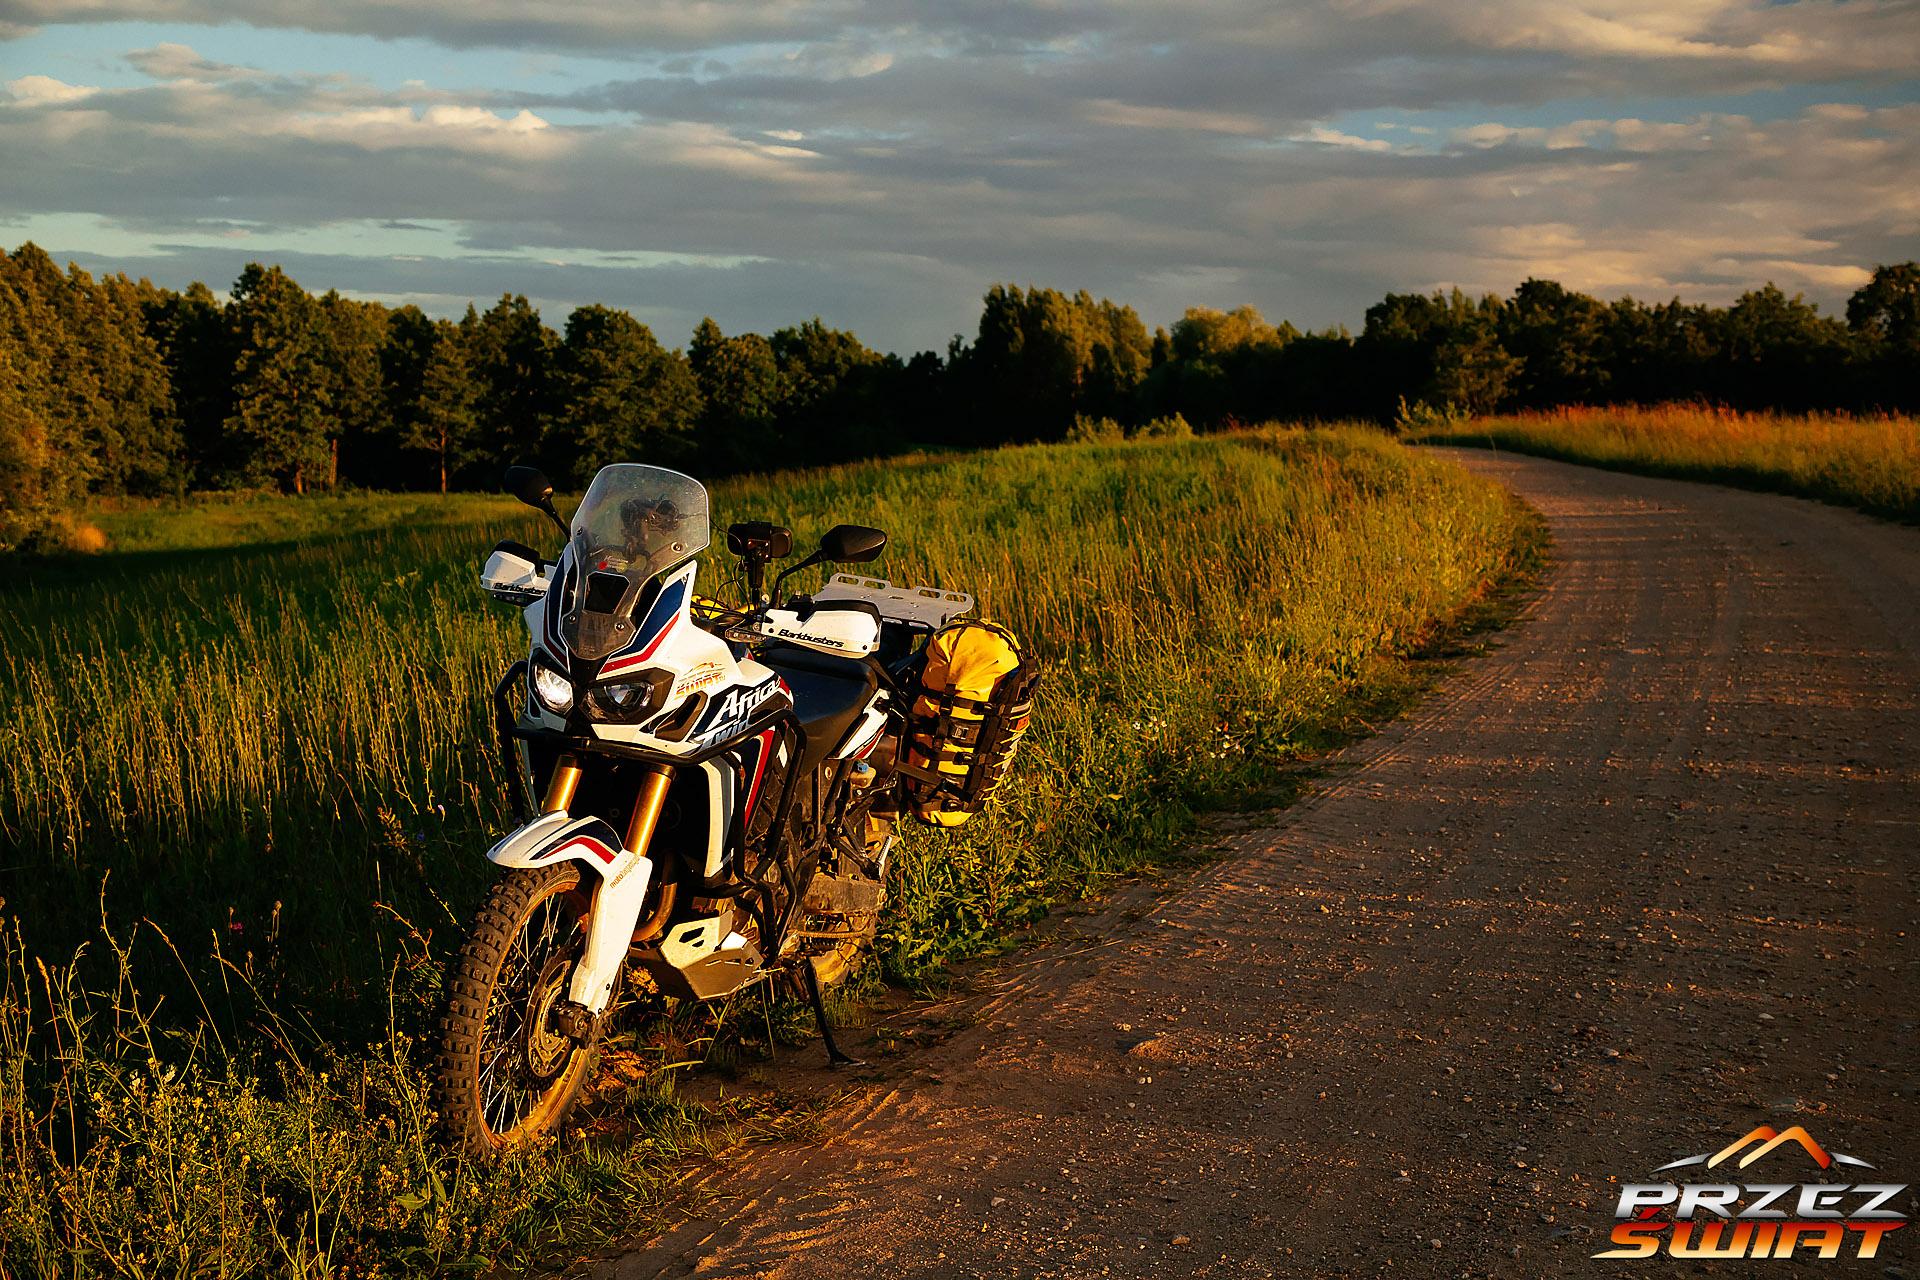 wyprawy motocyklowe po Polsce - Podlaska Pohulanka